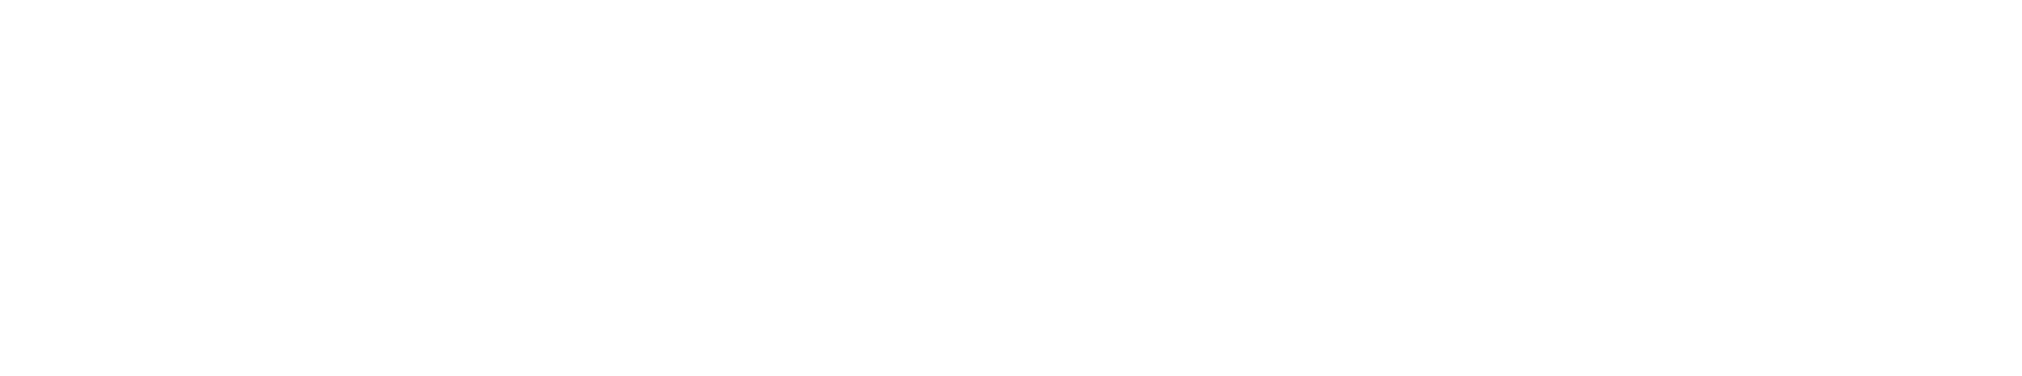 Southern Cross logo - white